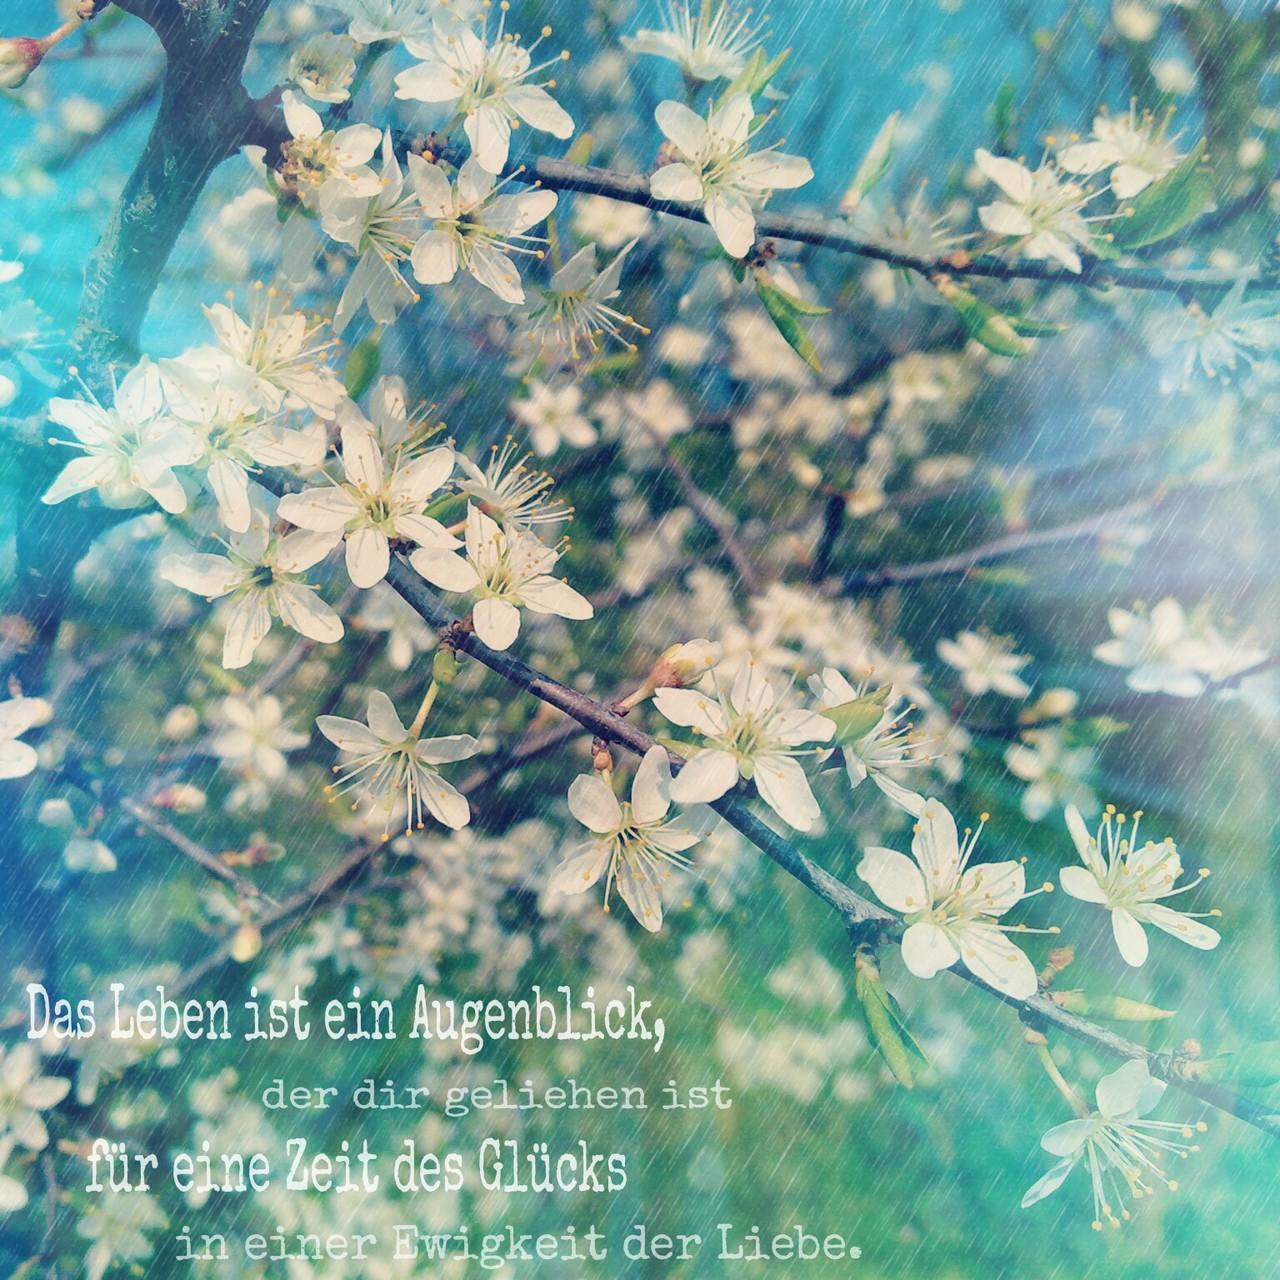 Das Leben ist ein Augenblick der dir geliehen ist für eine Zeit des Glücks in einer Ewigkeit der Liebe.